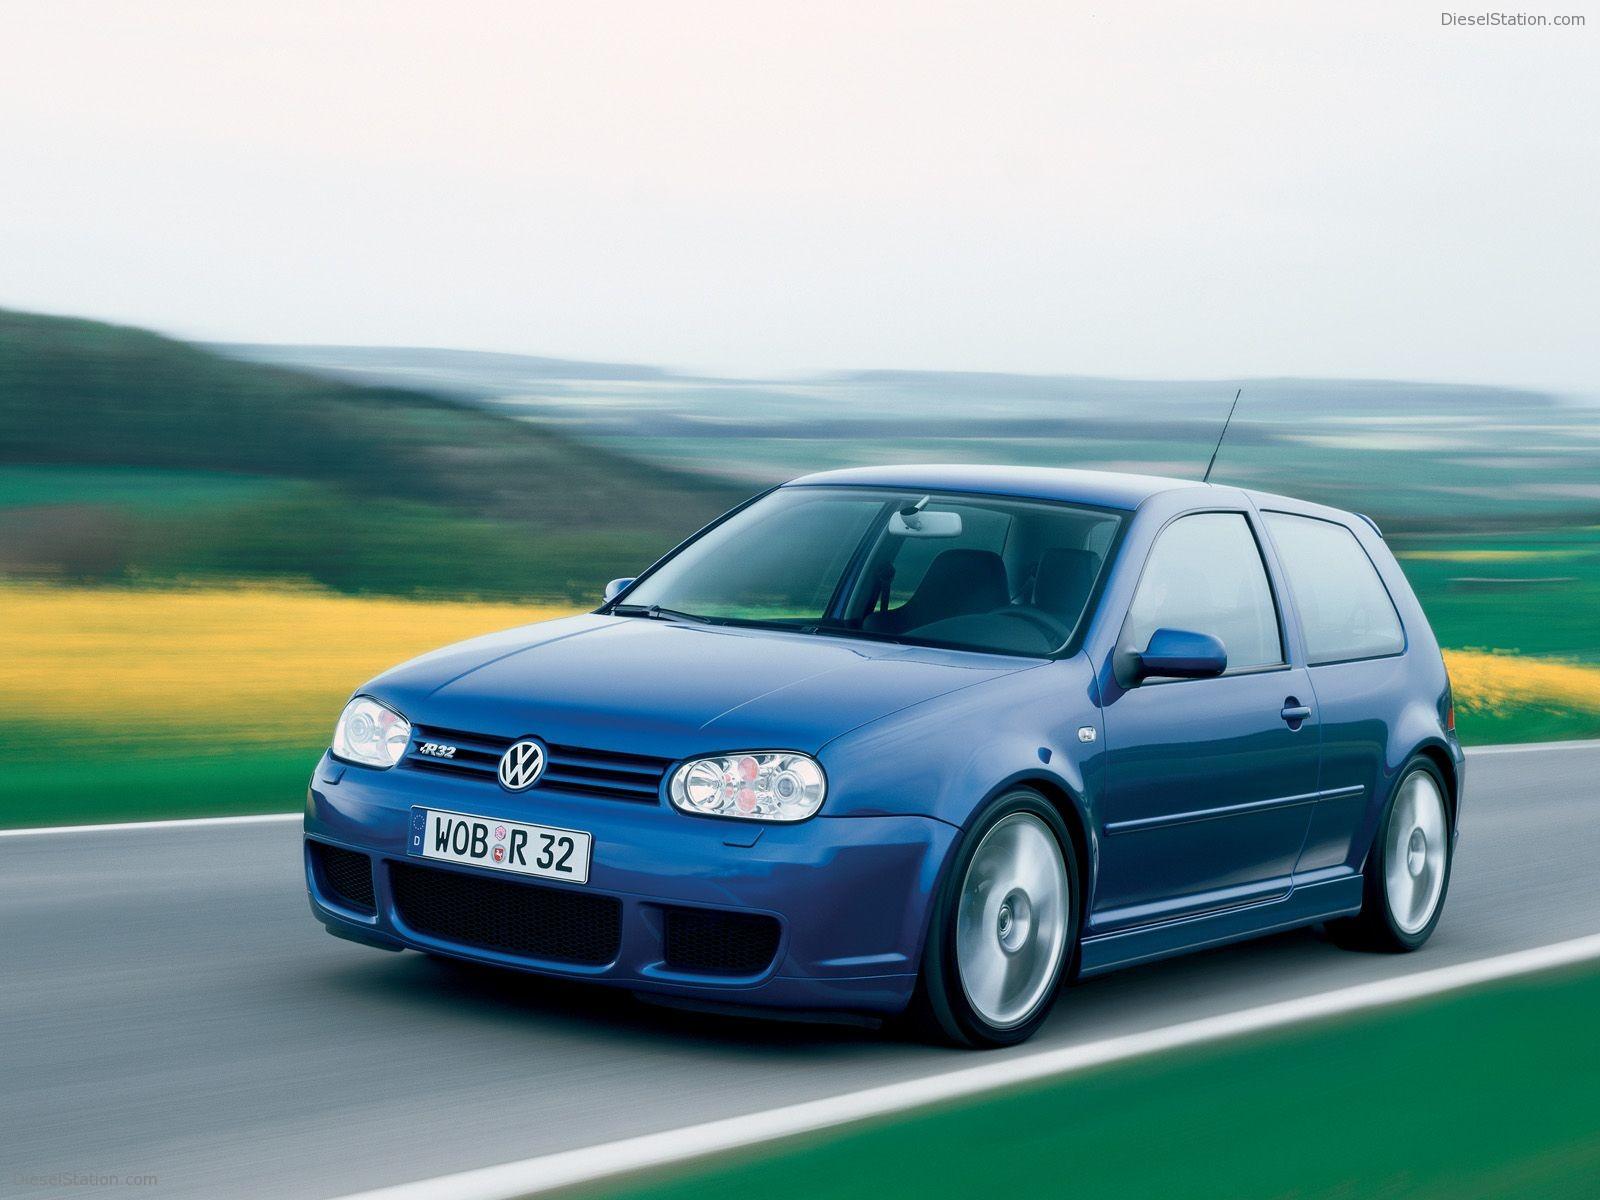 Home Volkswagen Volkswagen Golf IV R32 1600x1200